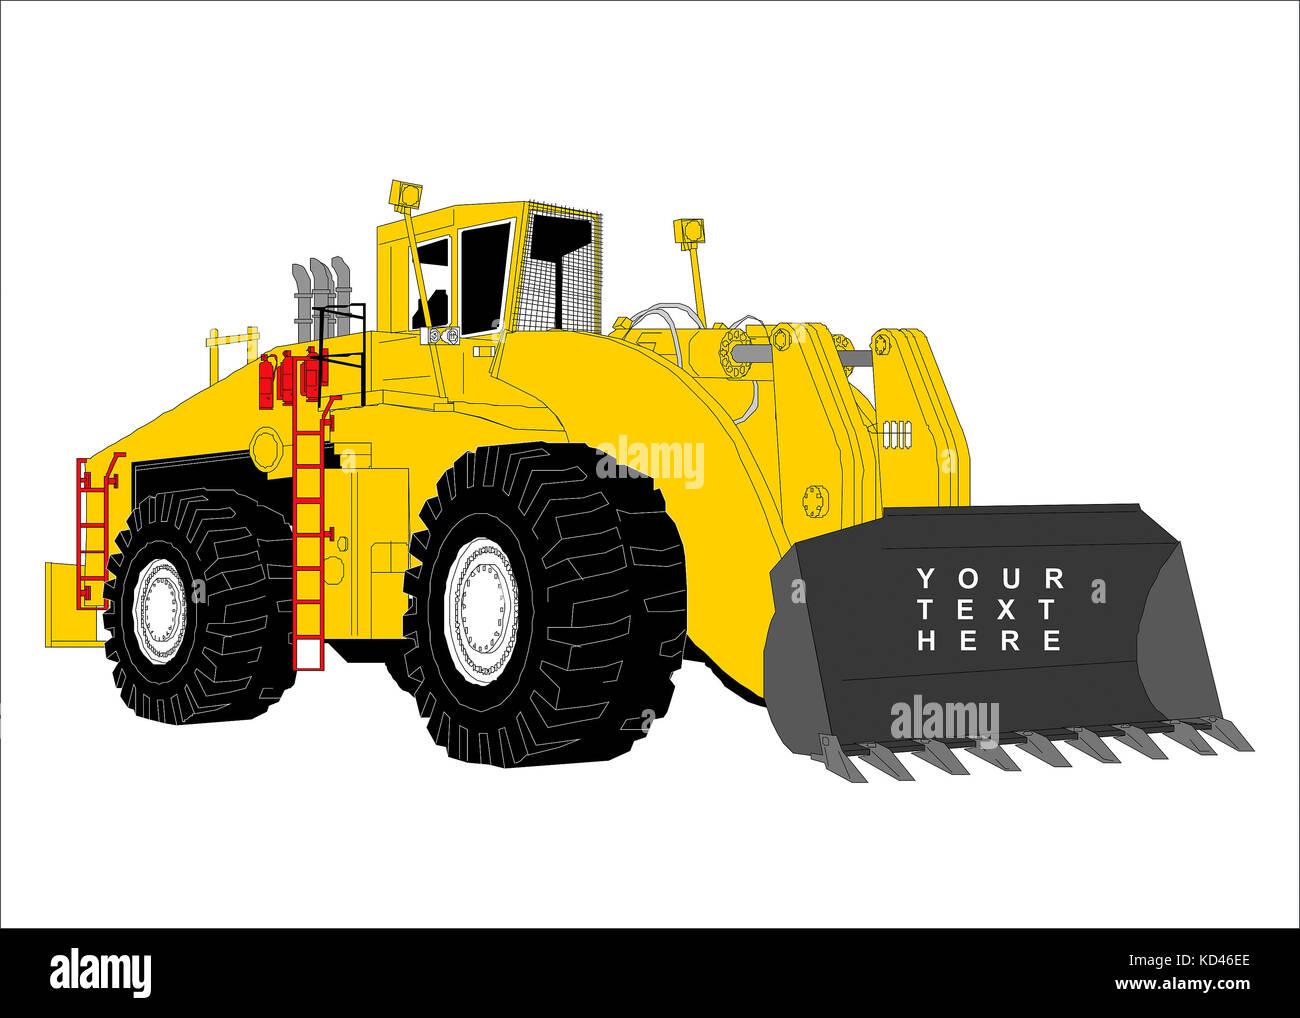 Disegnate un bulldozer su sfondo bianco. clip art, cartoon Immagini Stock